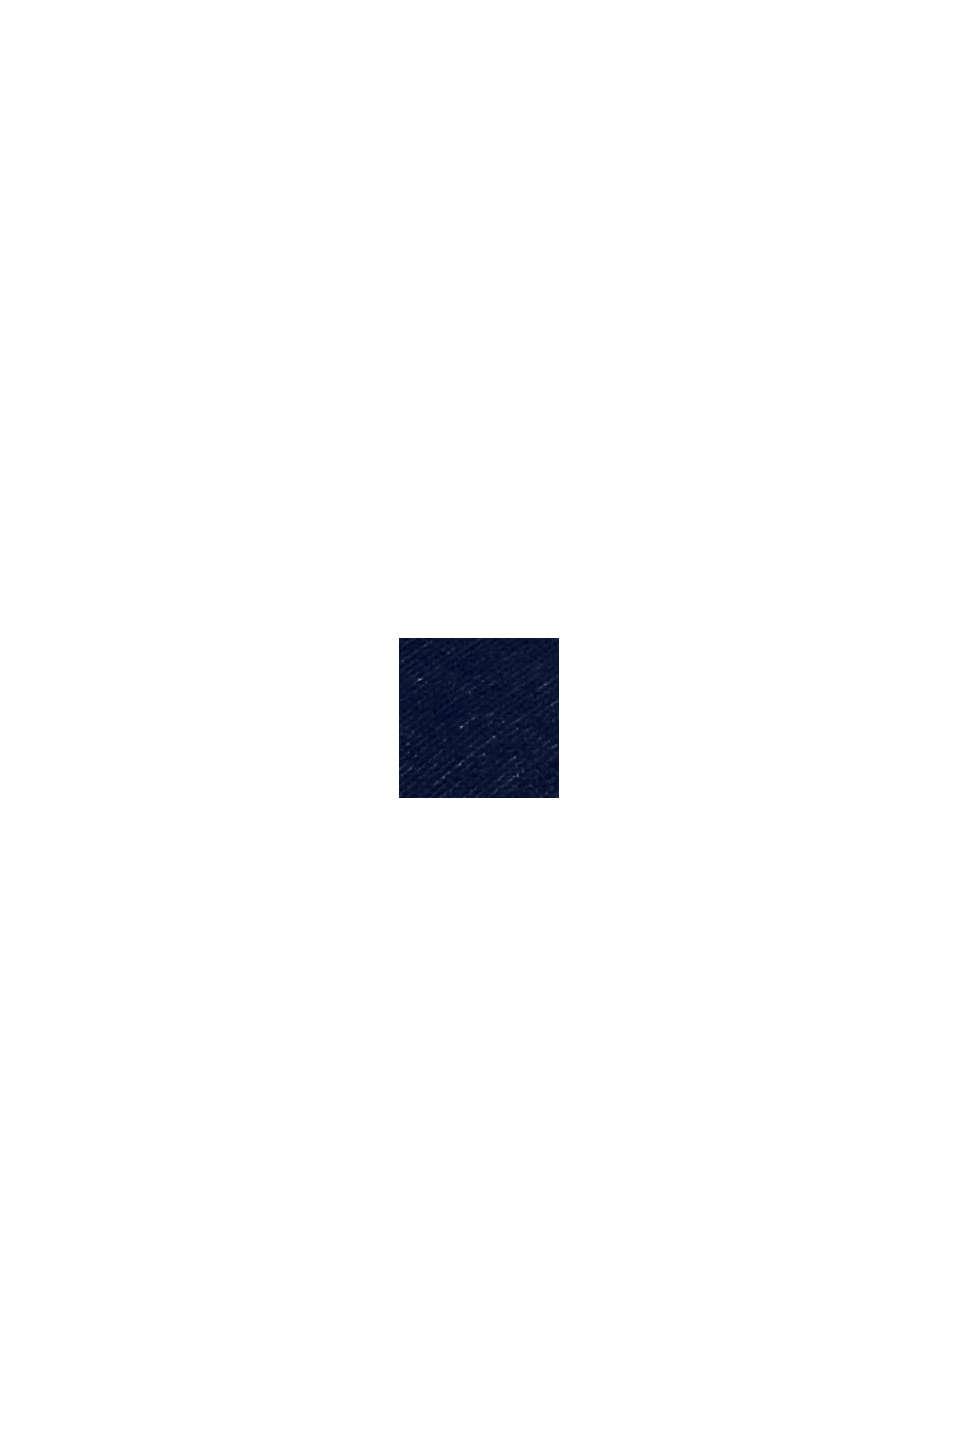 Strandhåndklæde med striber, 100% bomuld, NAVY BLUE, swatch